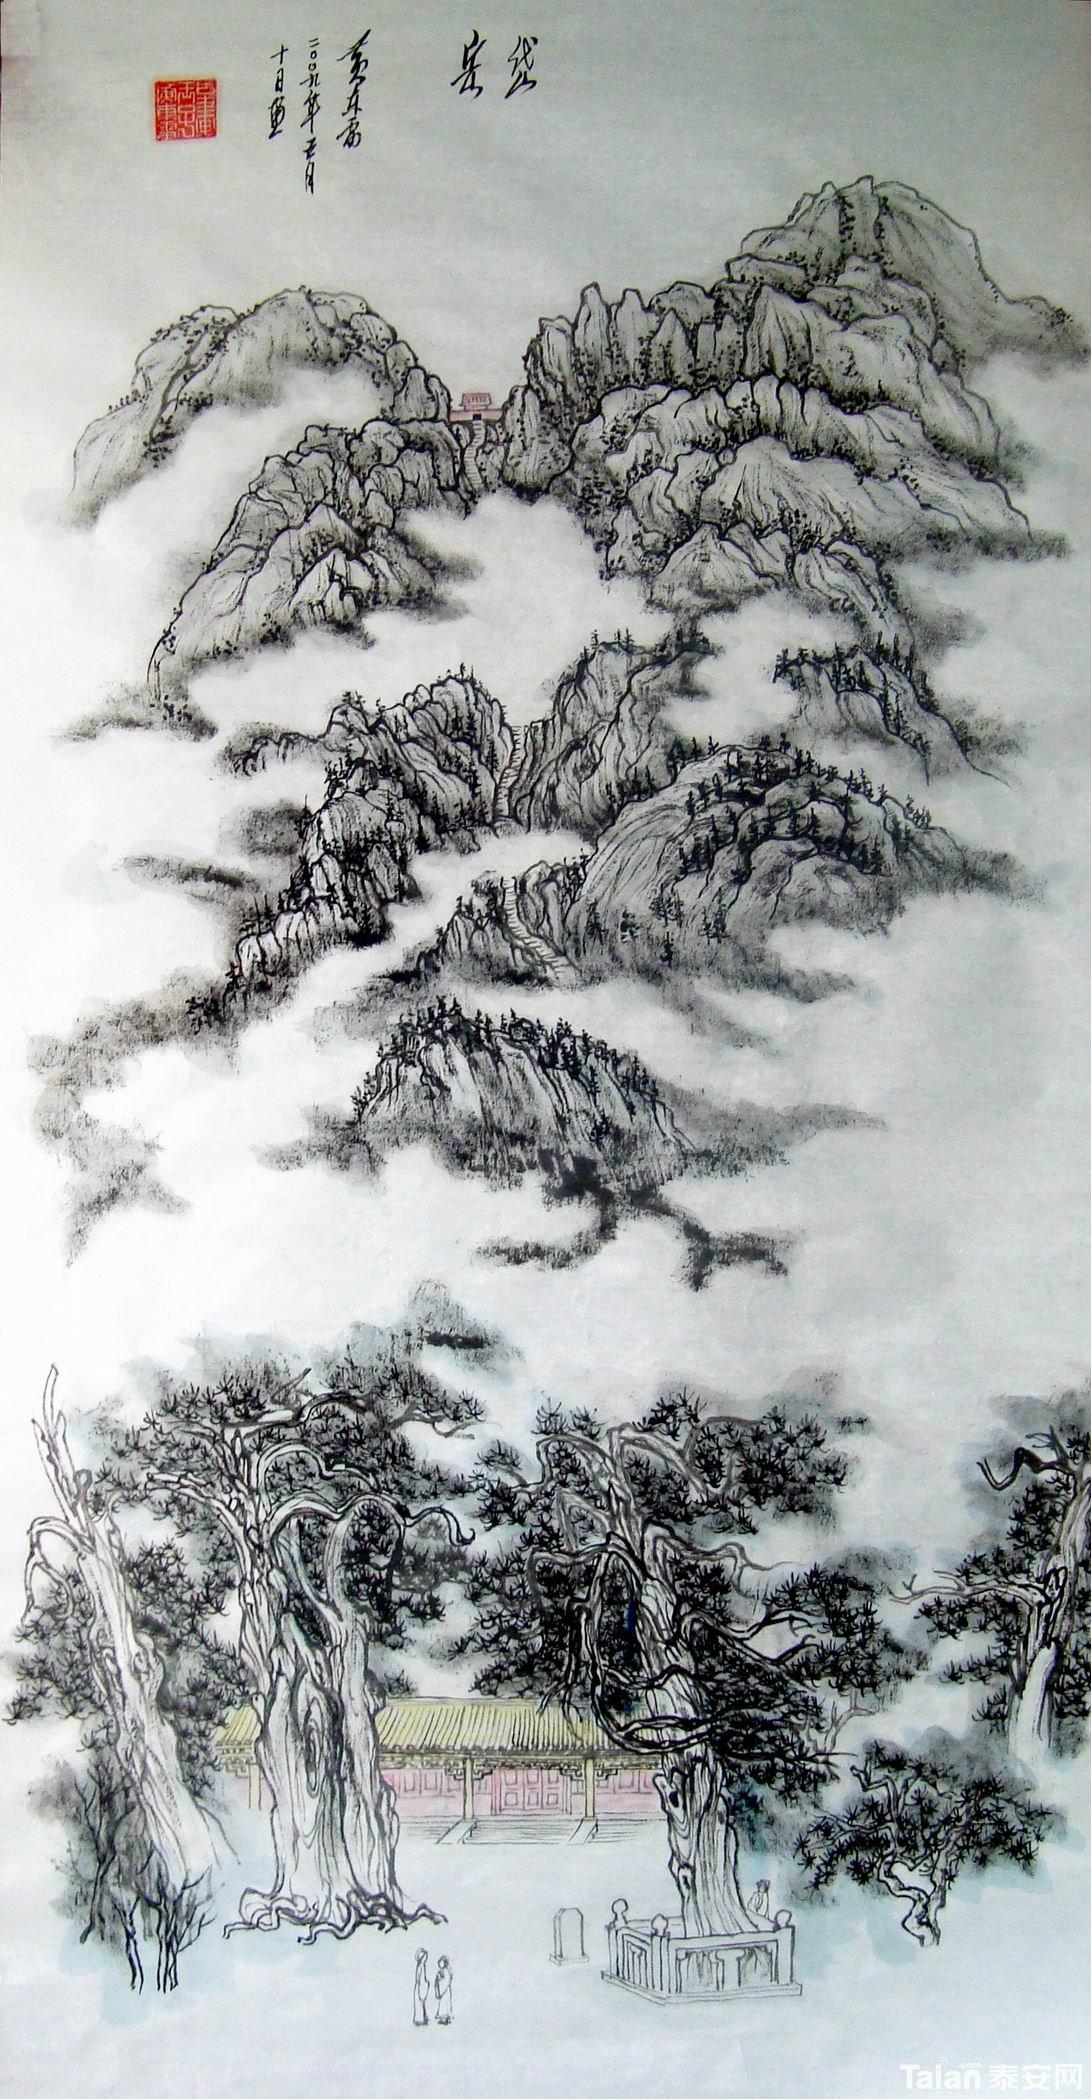 黄东雷 泰山岱岳国画-1.jpg